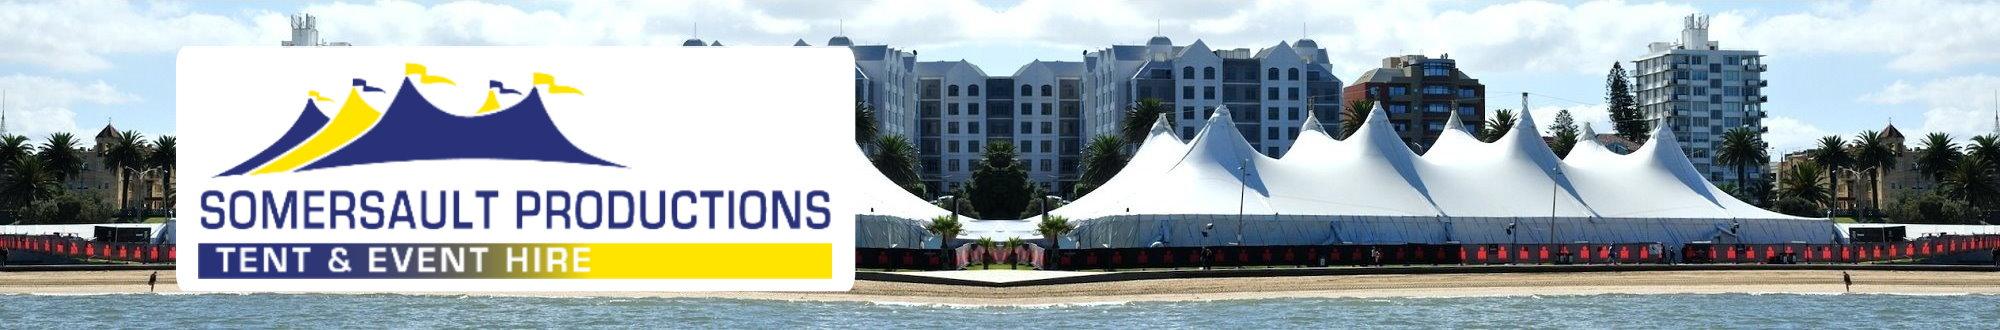 St Kilda tents